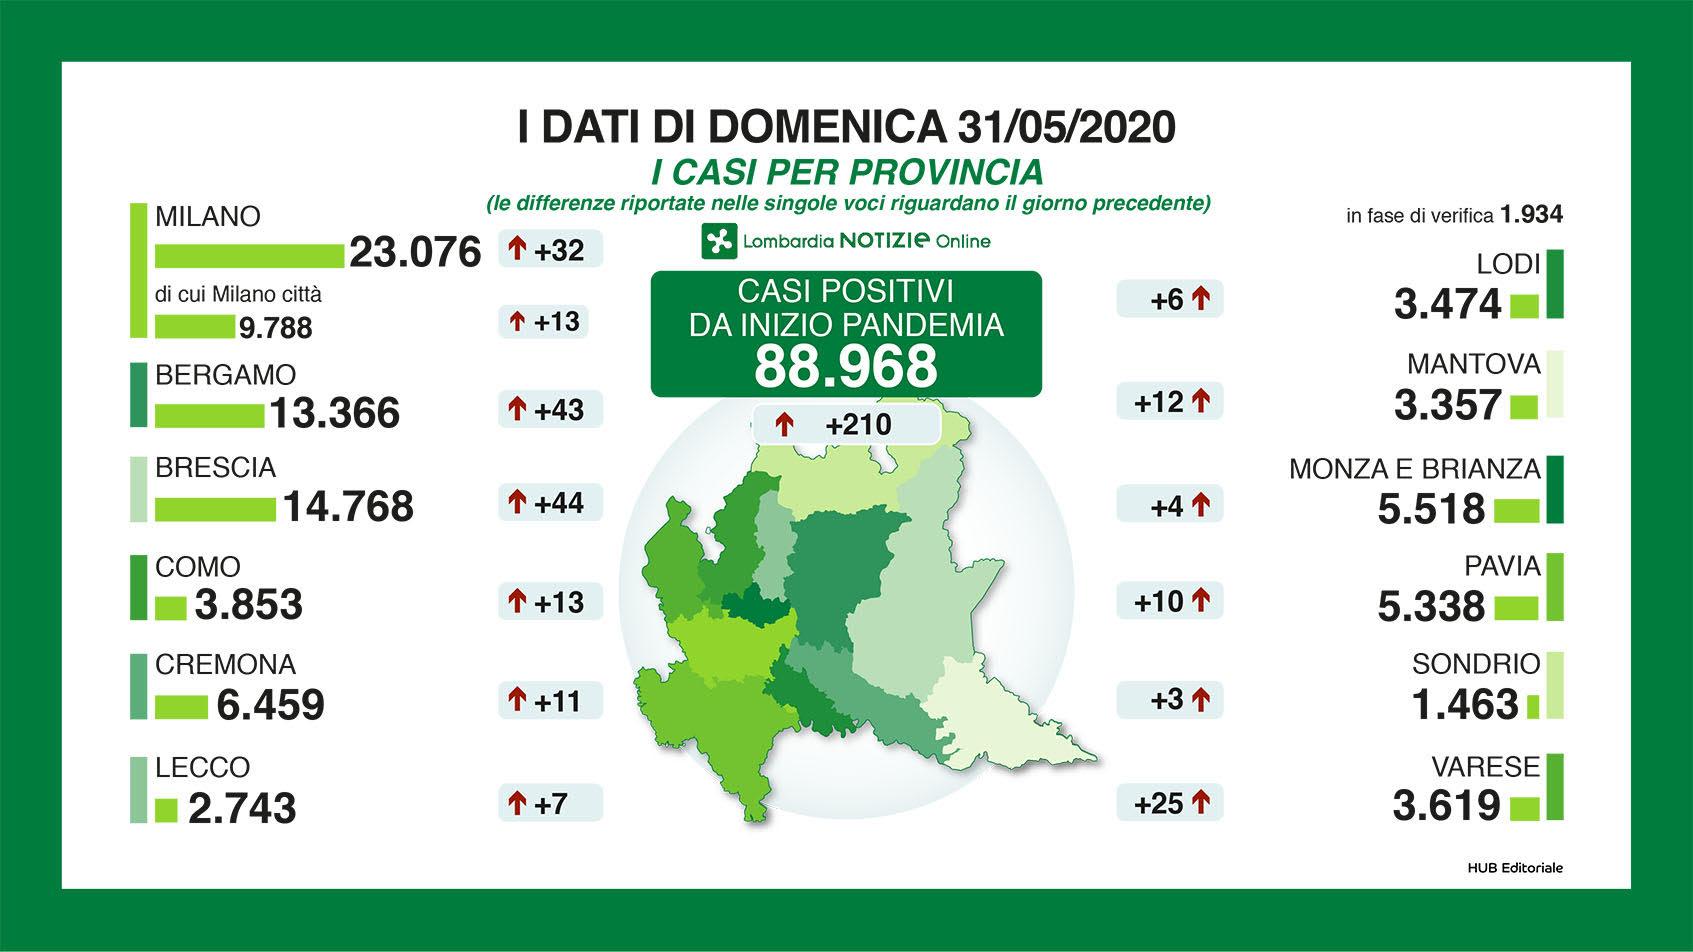 Coronavirus: riaprono tutte le regioni dal 3 giugno, anche la Lombardia